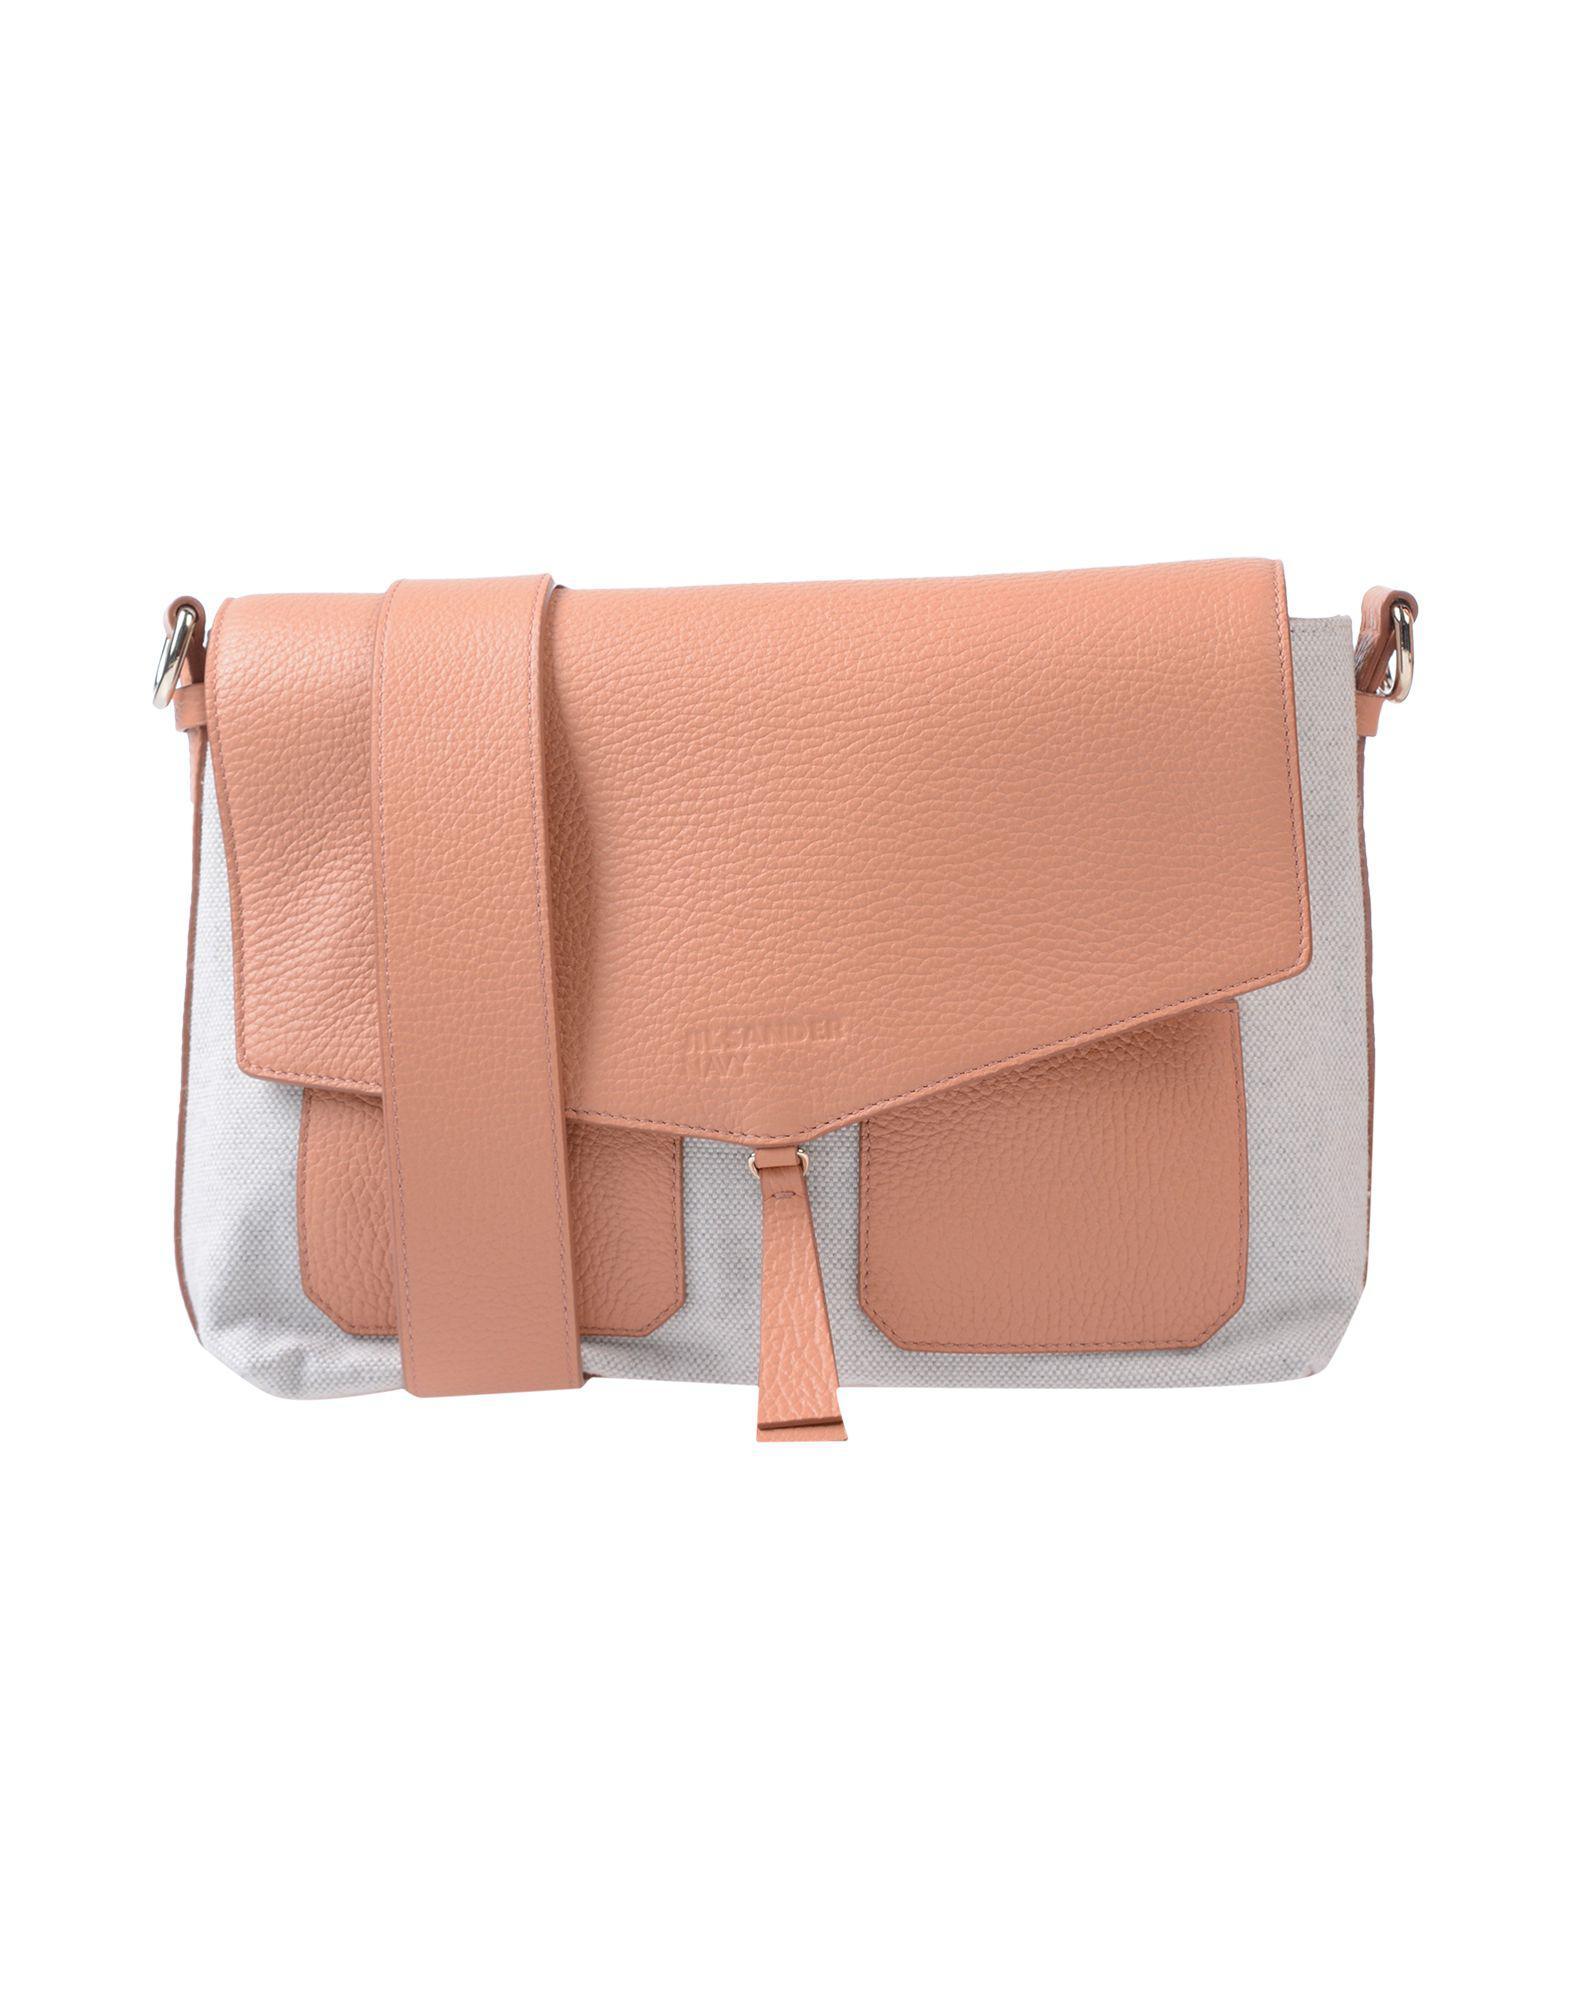 Jil Sander Navy Shoulder Bag in Pink - Lyst b6e6f0f5c9a33